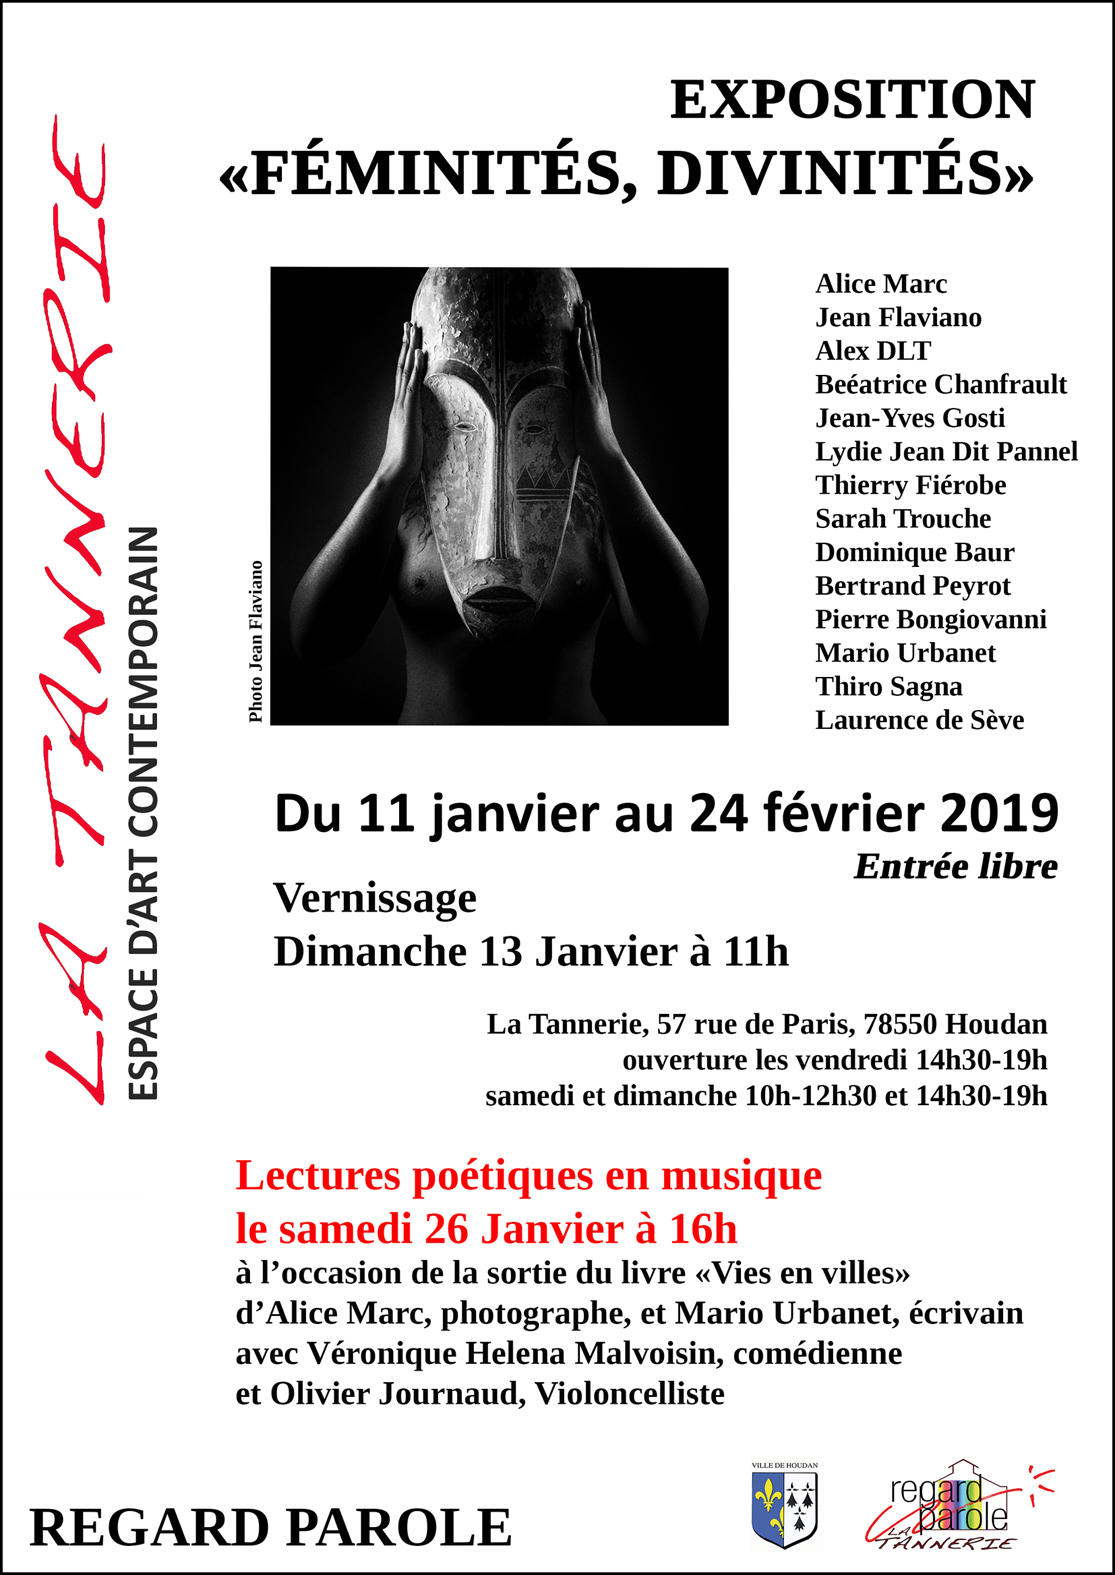 Expo photo de Alice Marc & Jean Flaviano, adhérent de L'Espace Photo, du 11 janvier au 24 février 2019 à l'Espace d'Art Contemporain La Tannerie à Houdan